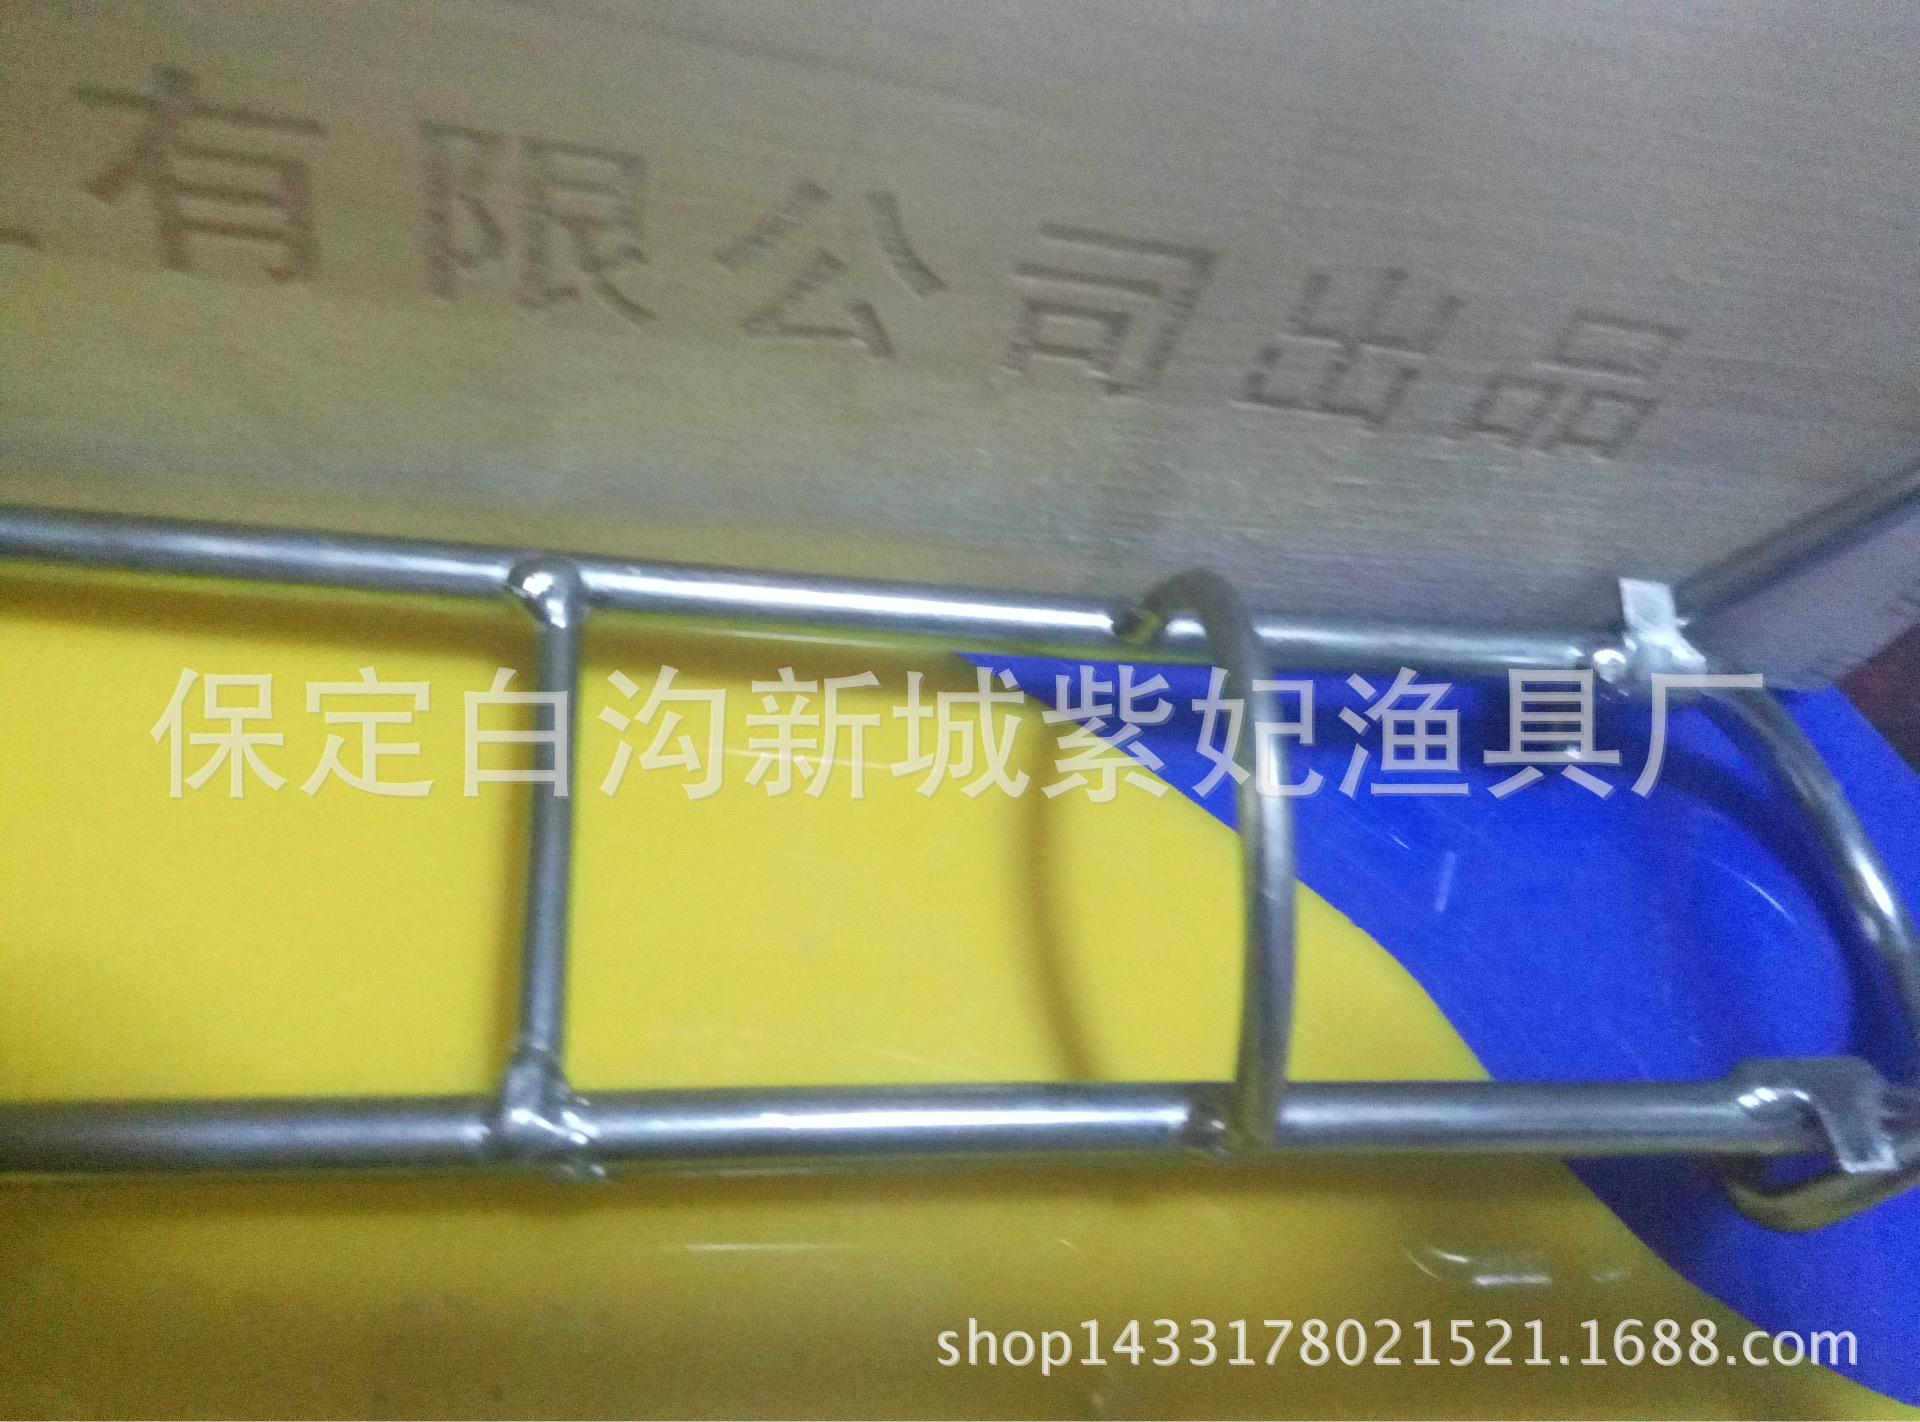 手海兩用支架抛竿專用插地支架簡易海竿架垂釣漁具用品批發